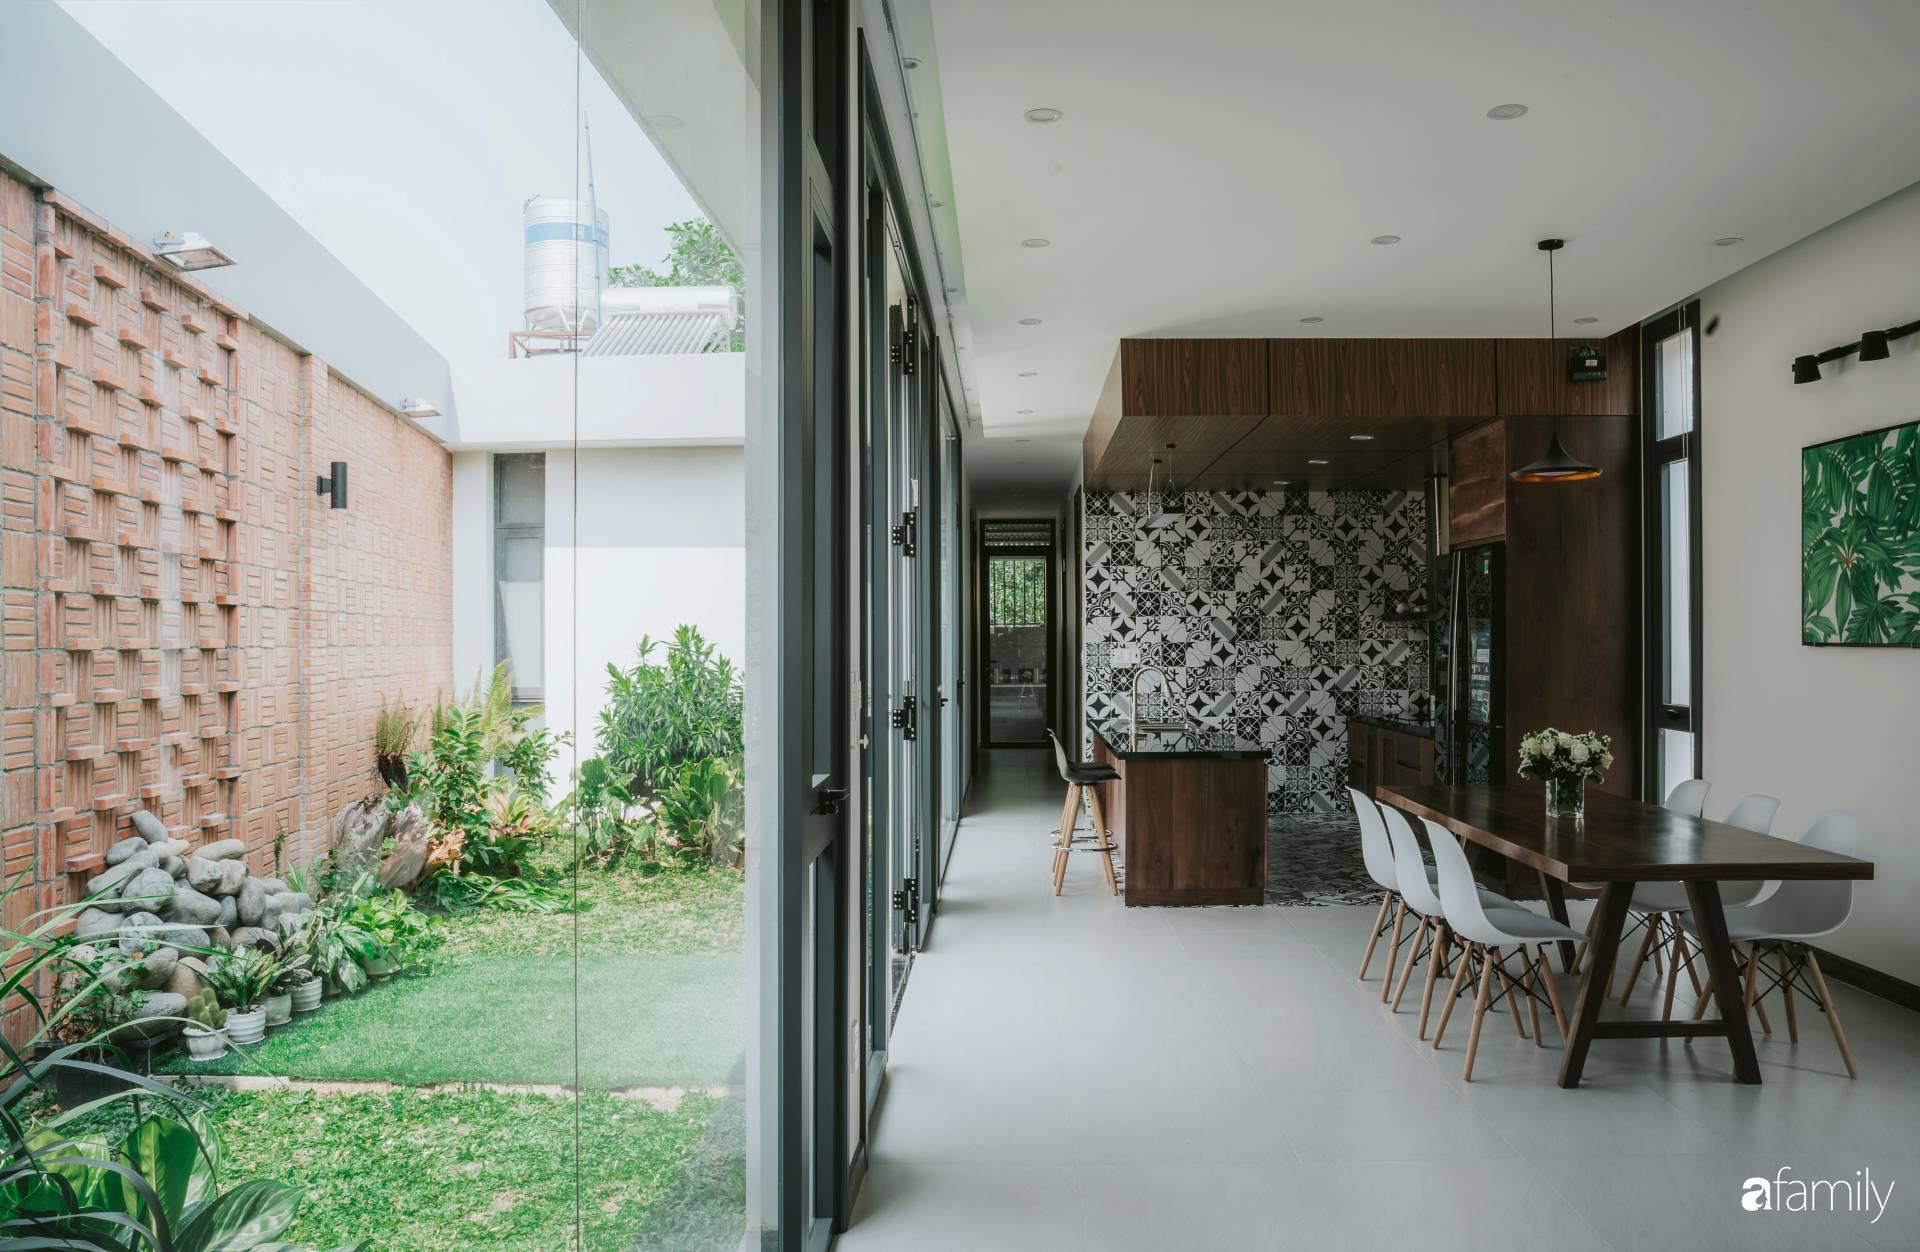 Nhà cấp 4 đẹp như resort 5 sao của đôi vợ chồng trẻ cùng hai cậu con trai nhỏ ở ngoại ô thành phố Biên Hòa, Đồng Nai - Ảnh 4.